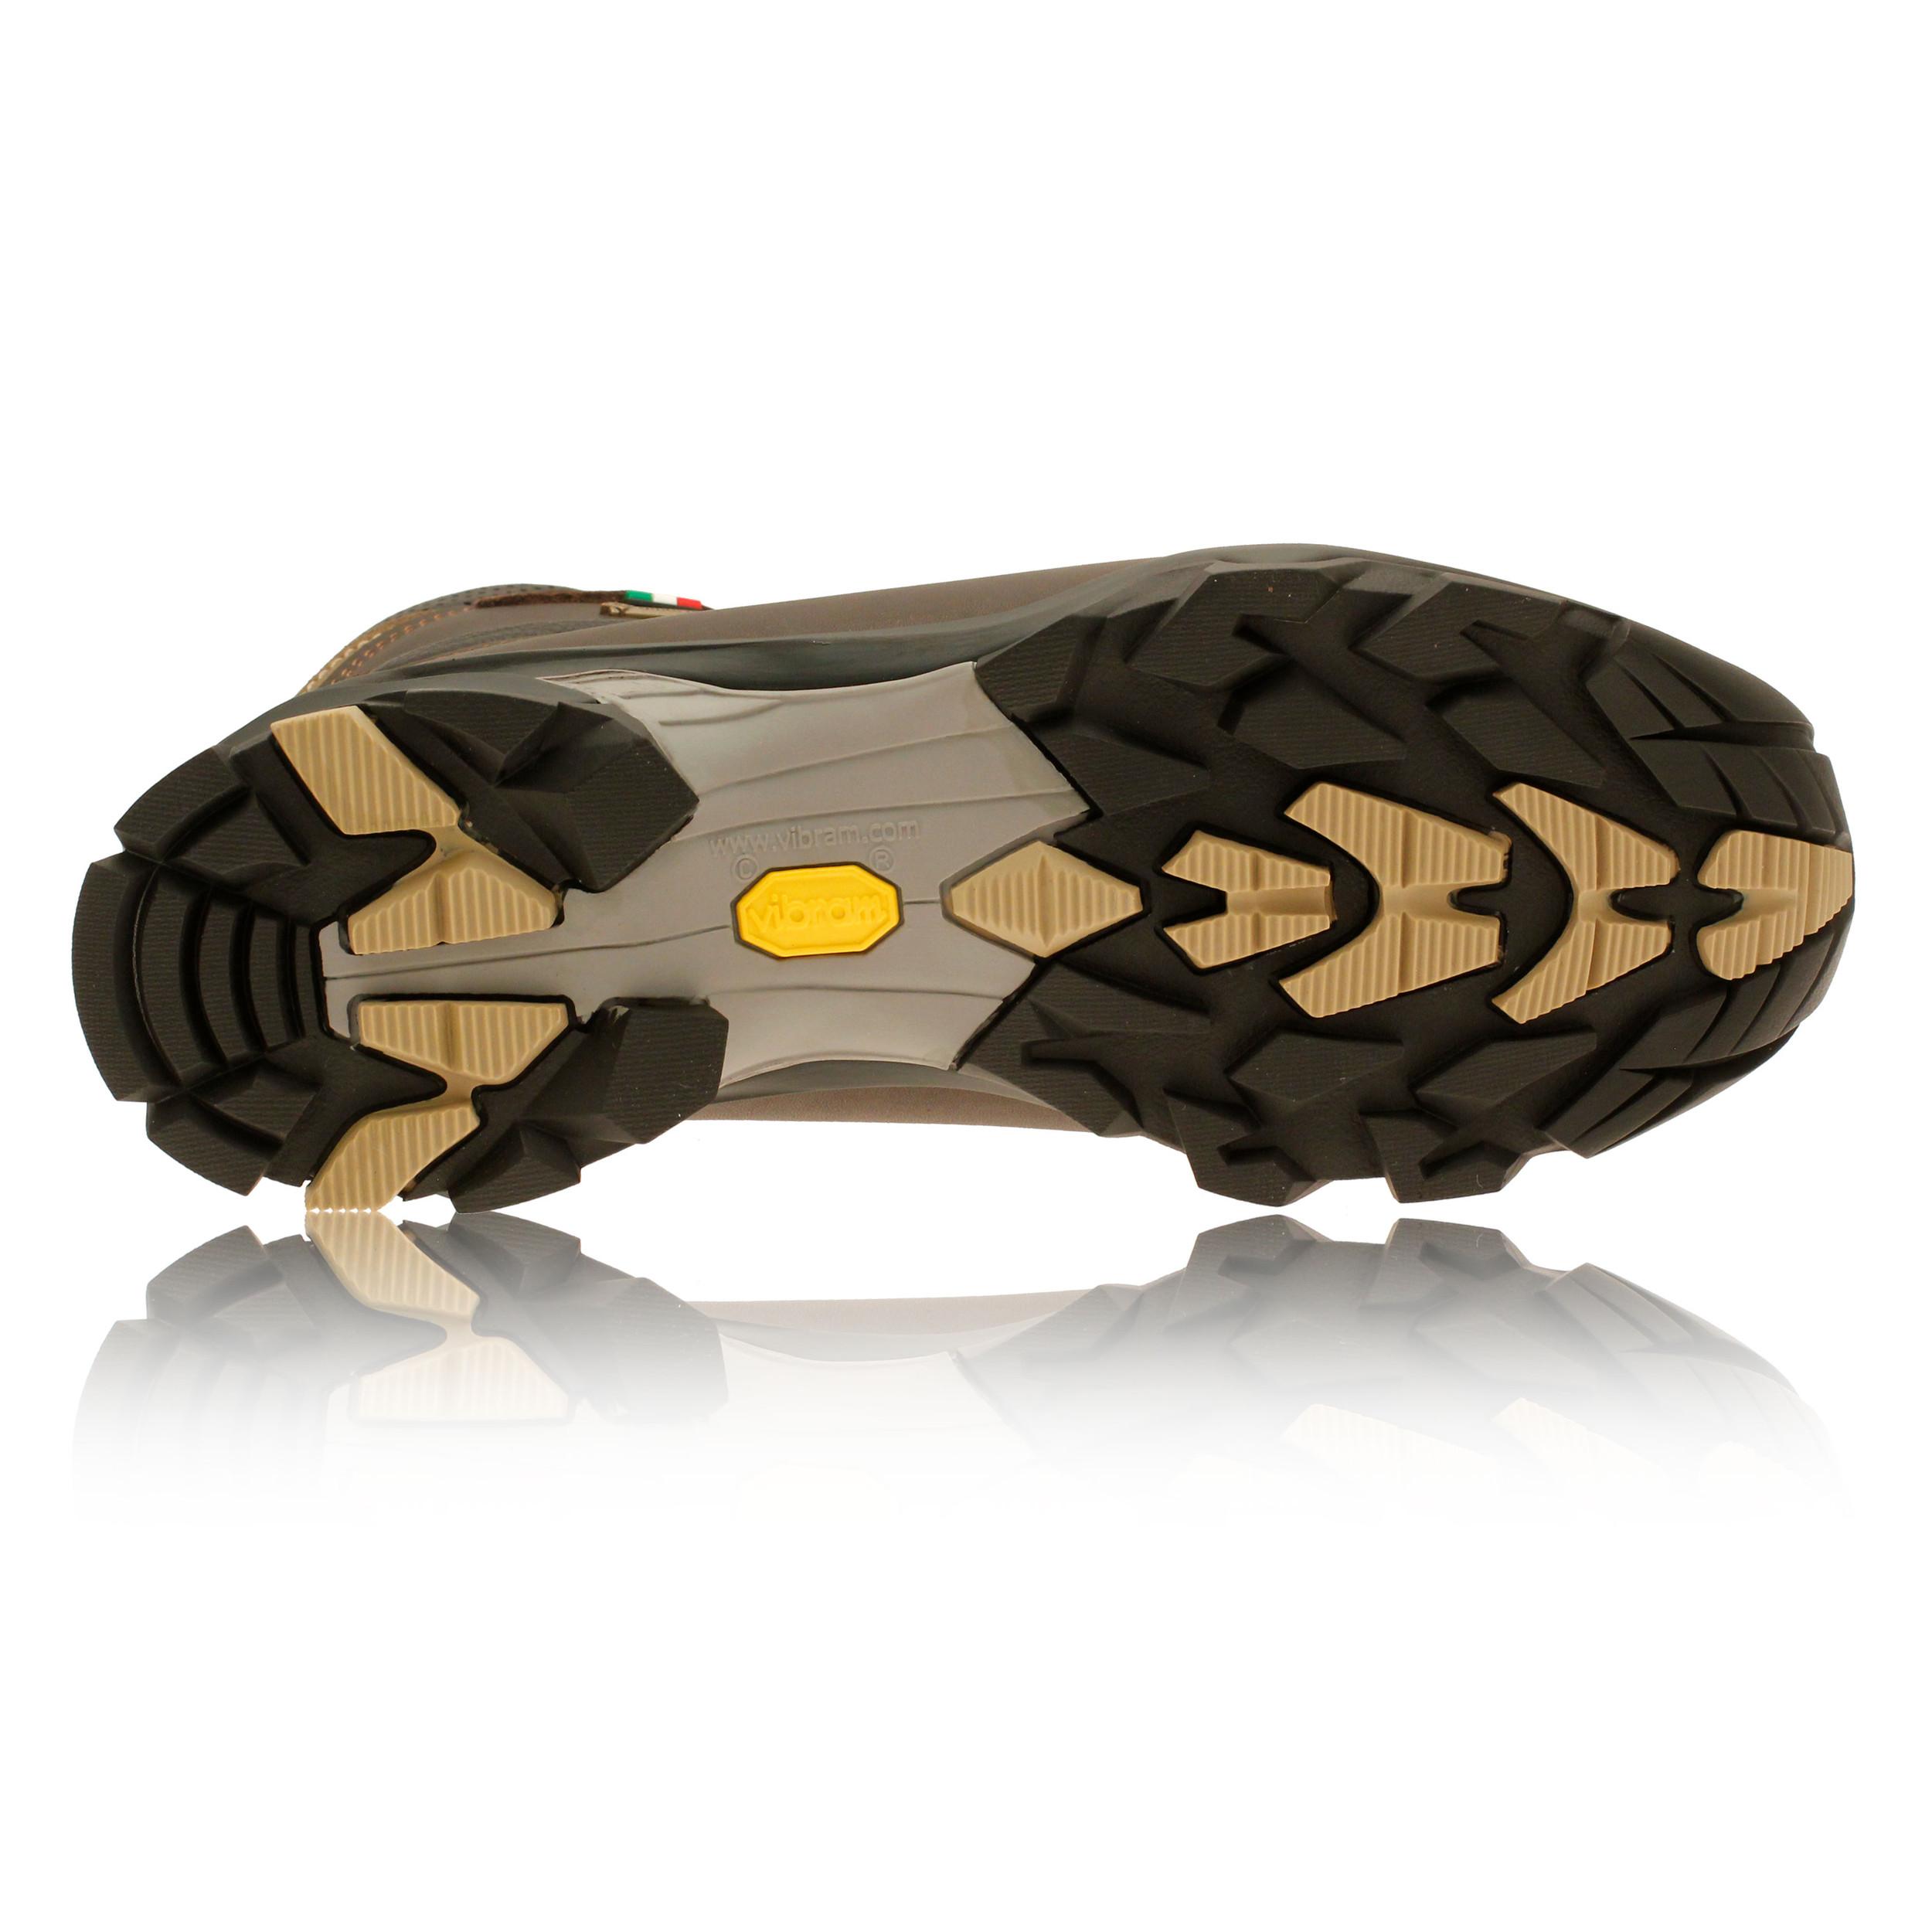 abd8d93b0650f Zamberlan Donna Marrone GoreTex Impermeabile Outdoor Scarponi Scarpe